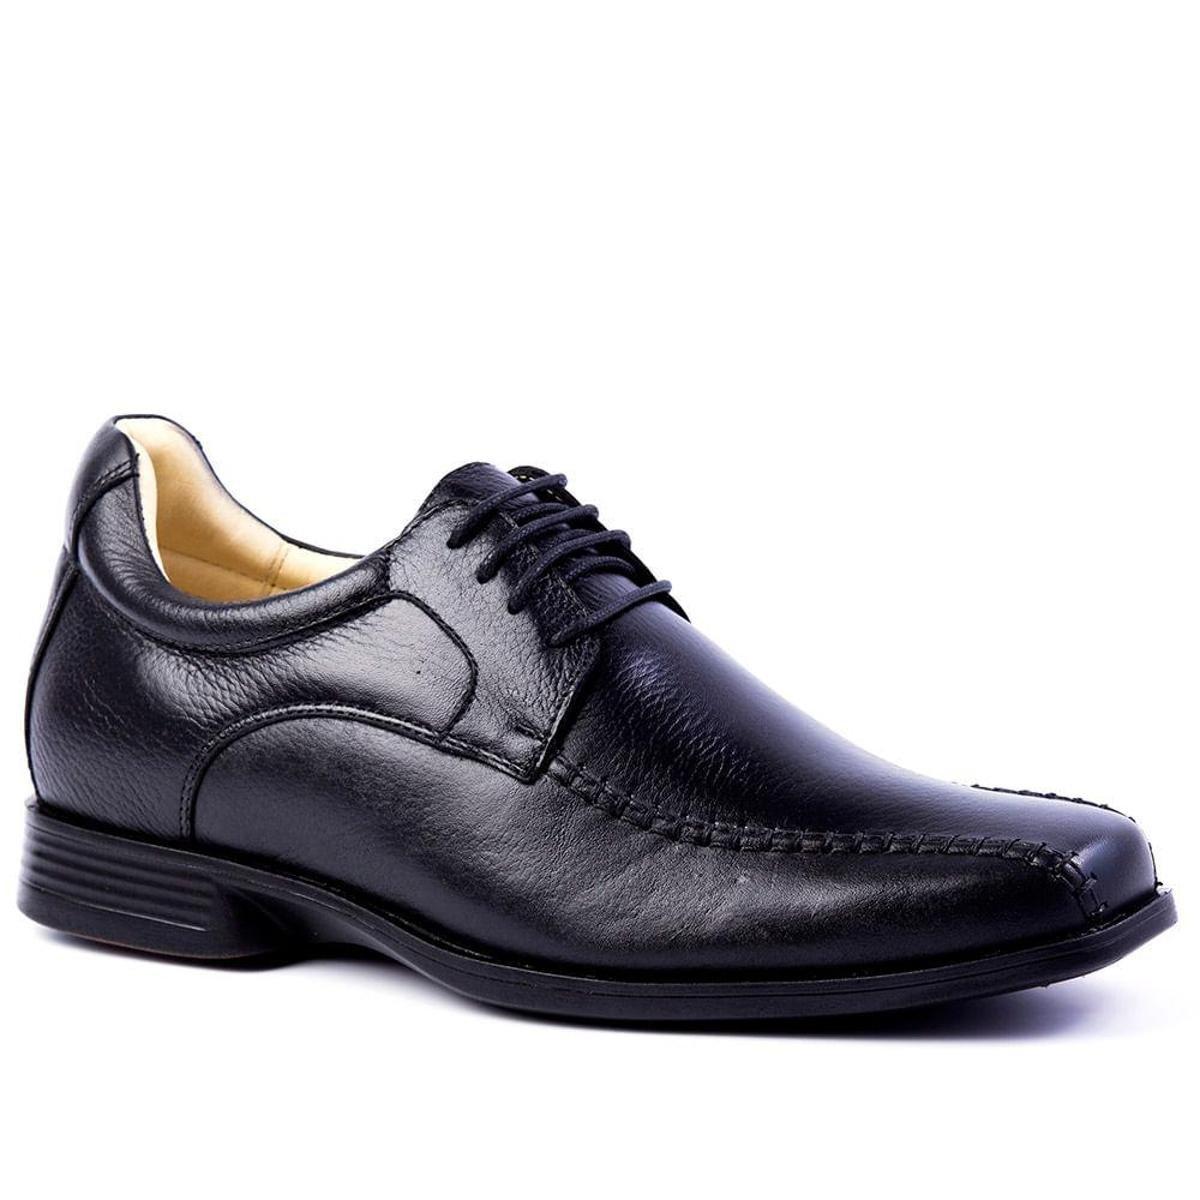 5494 Doctor 7 alto Floater em Shoes cm Couro Up Preto Masculino Linha Sapato nwaqvpYv